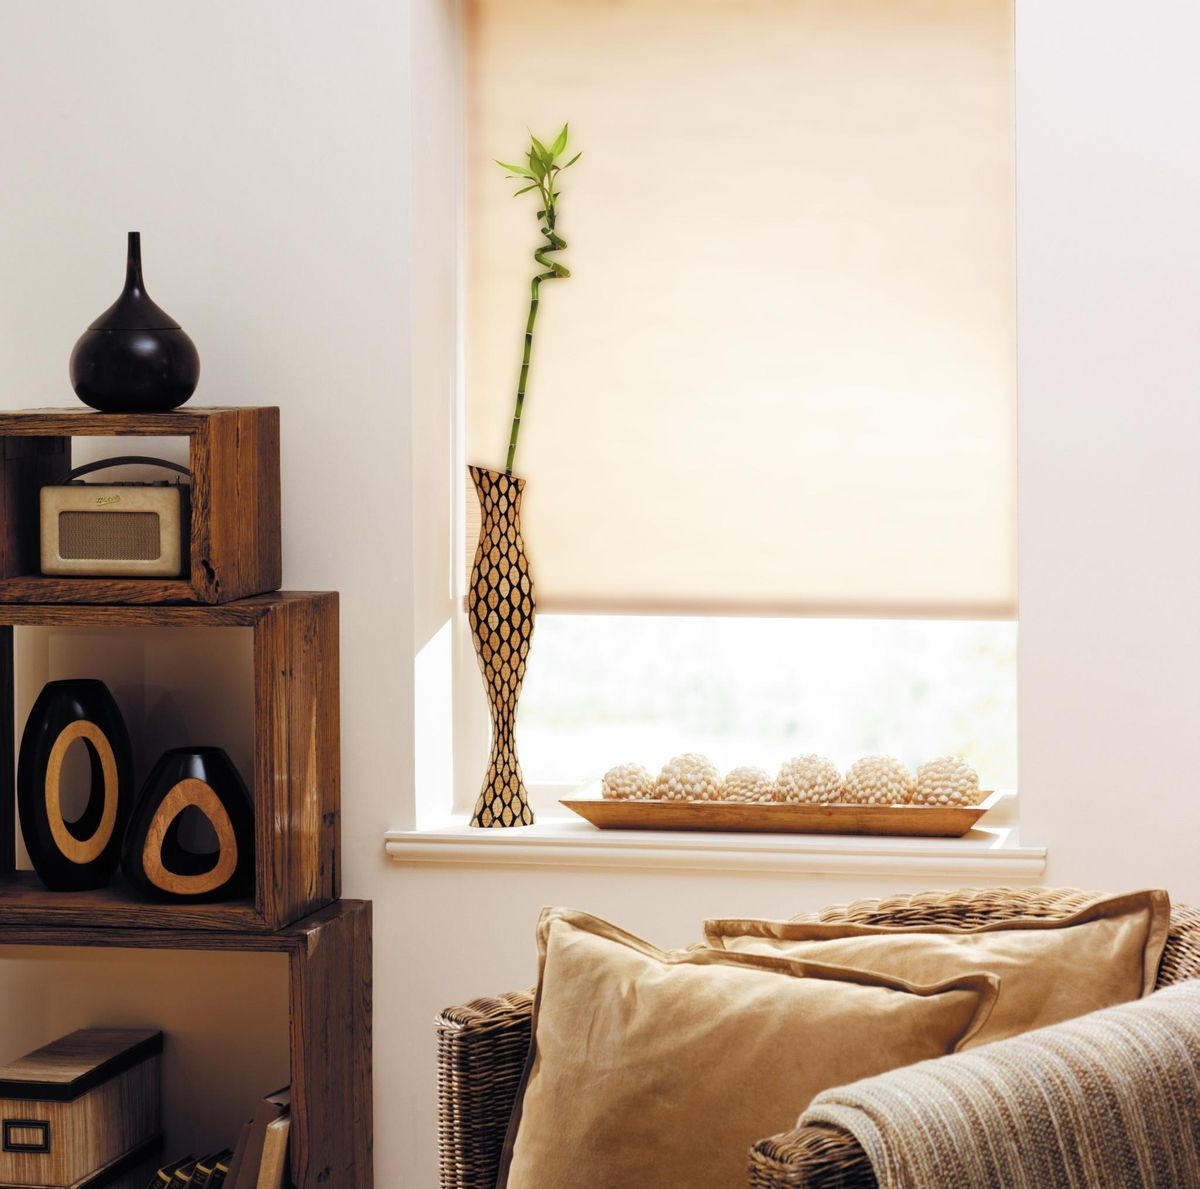 Штора рулонная Эскар, цвет: бежевый лен, ширина 130 см, высота 170 см80653Рулонными шторами можно оформлять окна как самостоятельно, так и использовать в комбинации с портьерами. Это поможет предотвратить выгорание дорогой ткани на солнце и соединит функционал рулонных с красотой навесных.Преимущества применения рулонных штор для пластиковых окон:- имеют прекрасный внешний вид: многообразие и фактурность материала изделия отлично смотрятся в любом интерьере; - многофункциональны: есть возможность подобрать шторы способные эффективно защитить комнату от солнца, при этом о на не будет слишком темной. - Есть возможность осуществить быстрый монтаж. ВНИМАНИЕ! Размеры ширины изделия указаны по ширине ткани!Во время эксплуатации не рекомендуется полностью разматывать рулон, чтобы не оторвать ткань от намоточного вала.В случае загрязнения поверхности ткани, чистку шторы проводят одним из способов, в зависимости от типа загрязнения: легкое поверхностное загрязнение можно удалить при помощи канцелярского ластика; чистка от пыли производится сухим методом при помощи пылесоса с мягкой щеткой-насадкой; для удаления пятна используйте мягкую губку с пенообразующим неагрессивным моющим средством или пятновыводитель на натуральной основе (нельзя применять растворители).